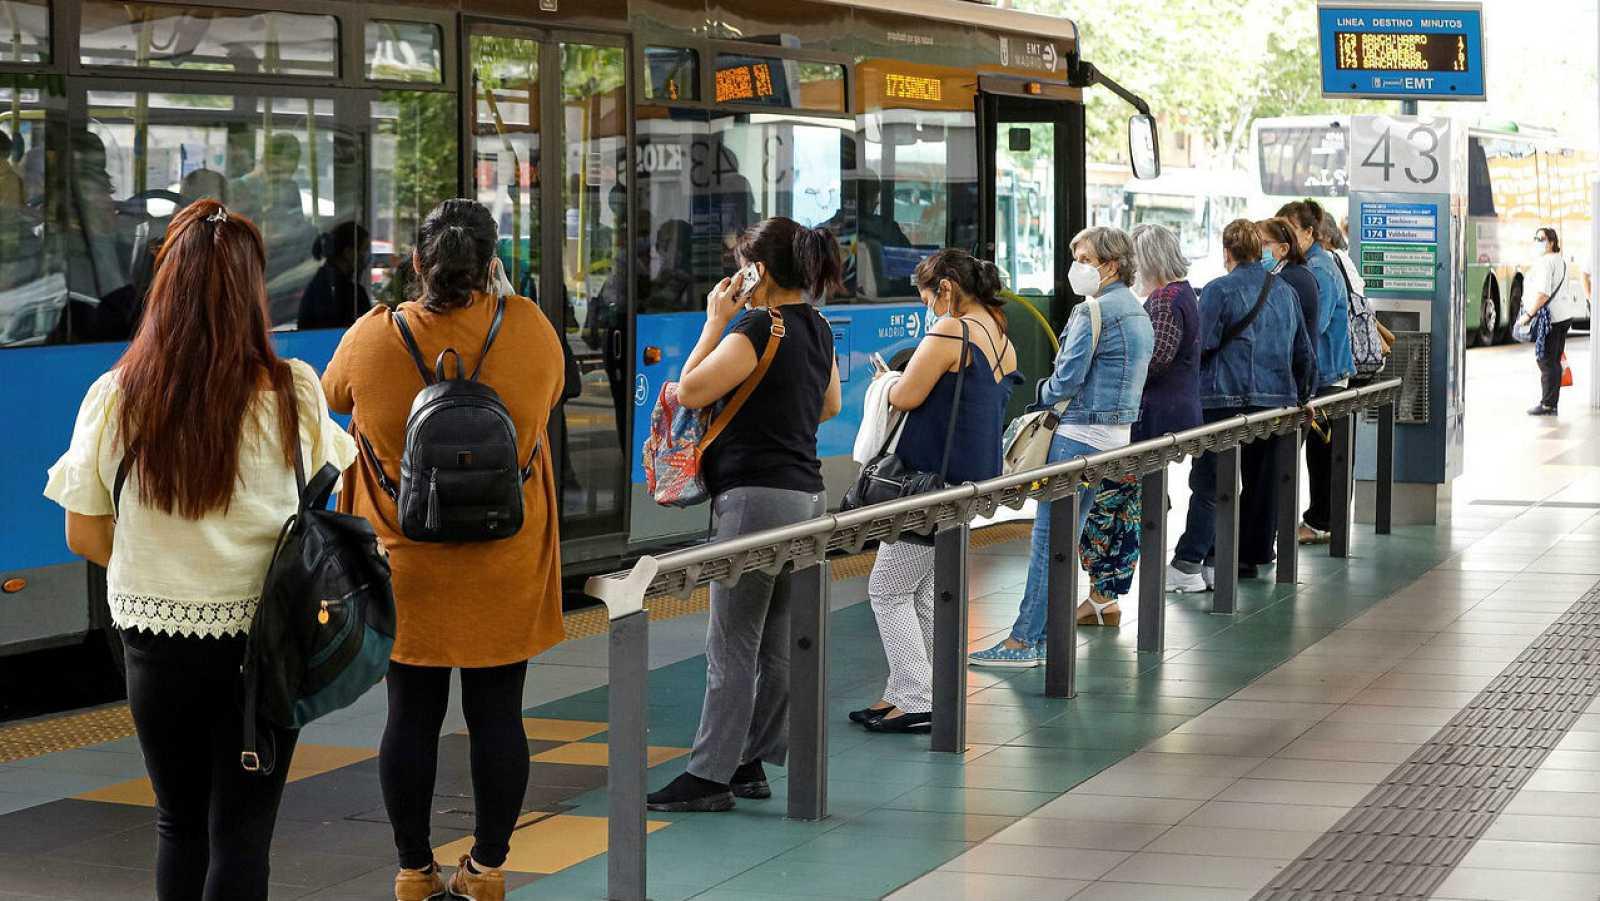 Viajeros esperan la cola del autobús en Madrid mientras miran sus teléfonos móviles.